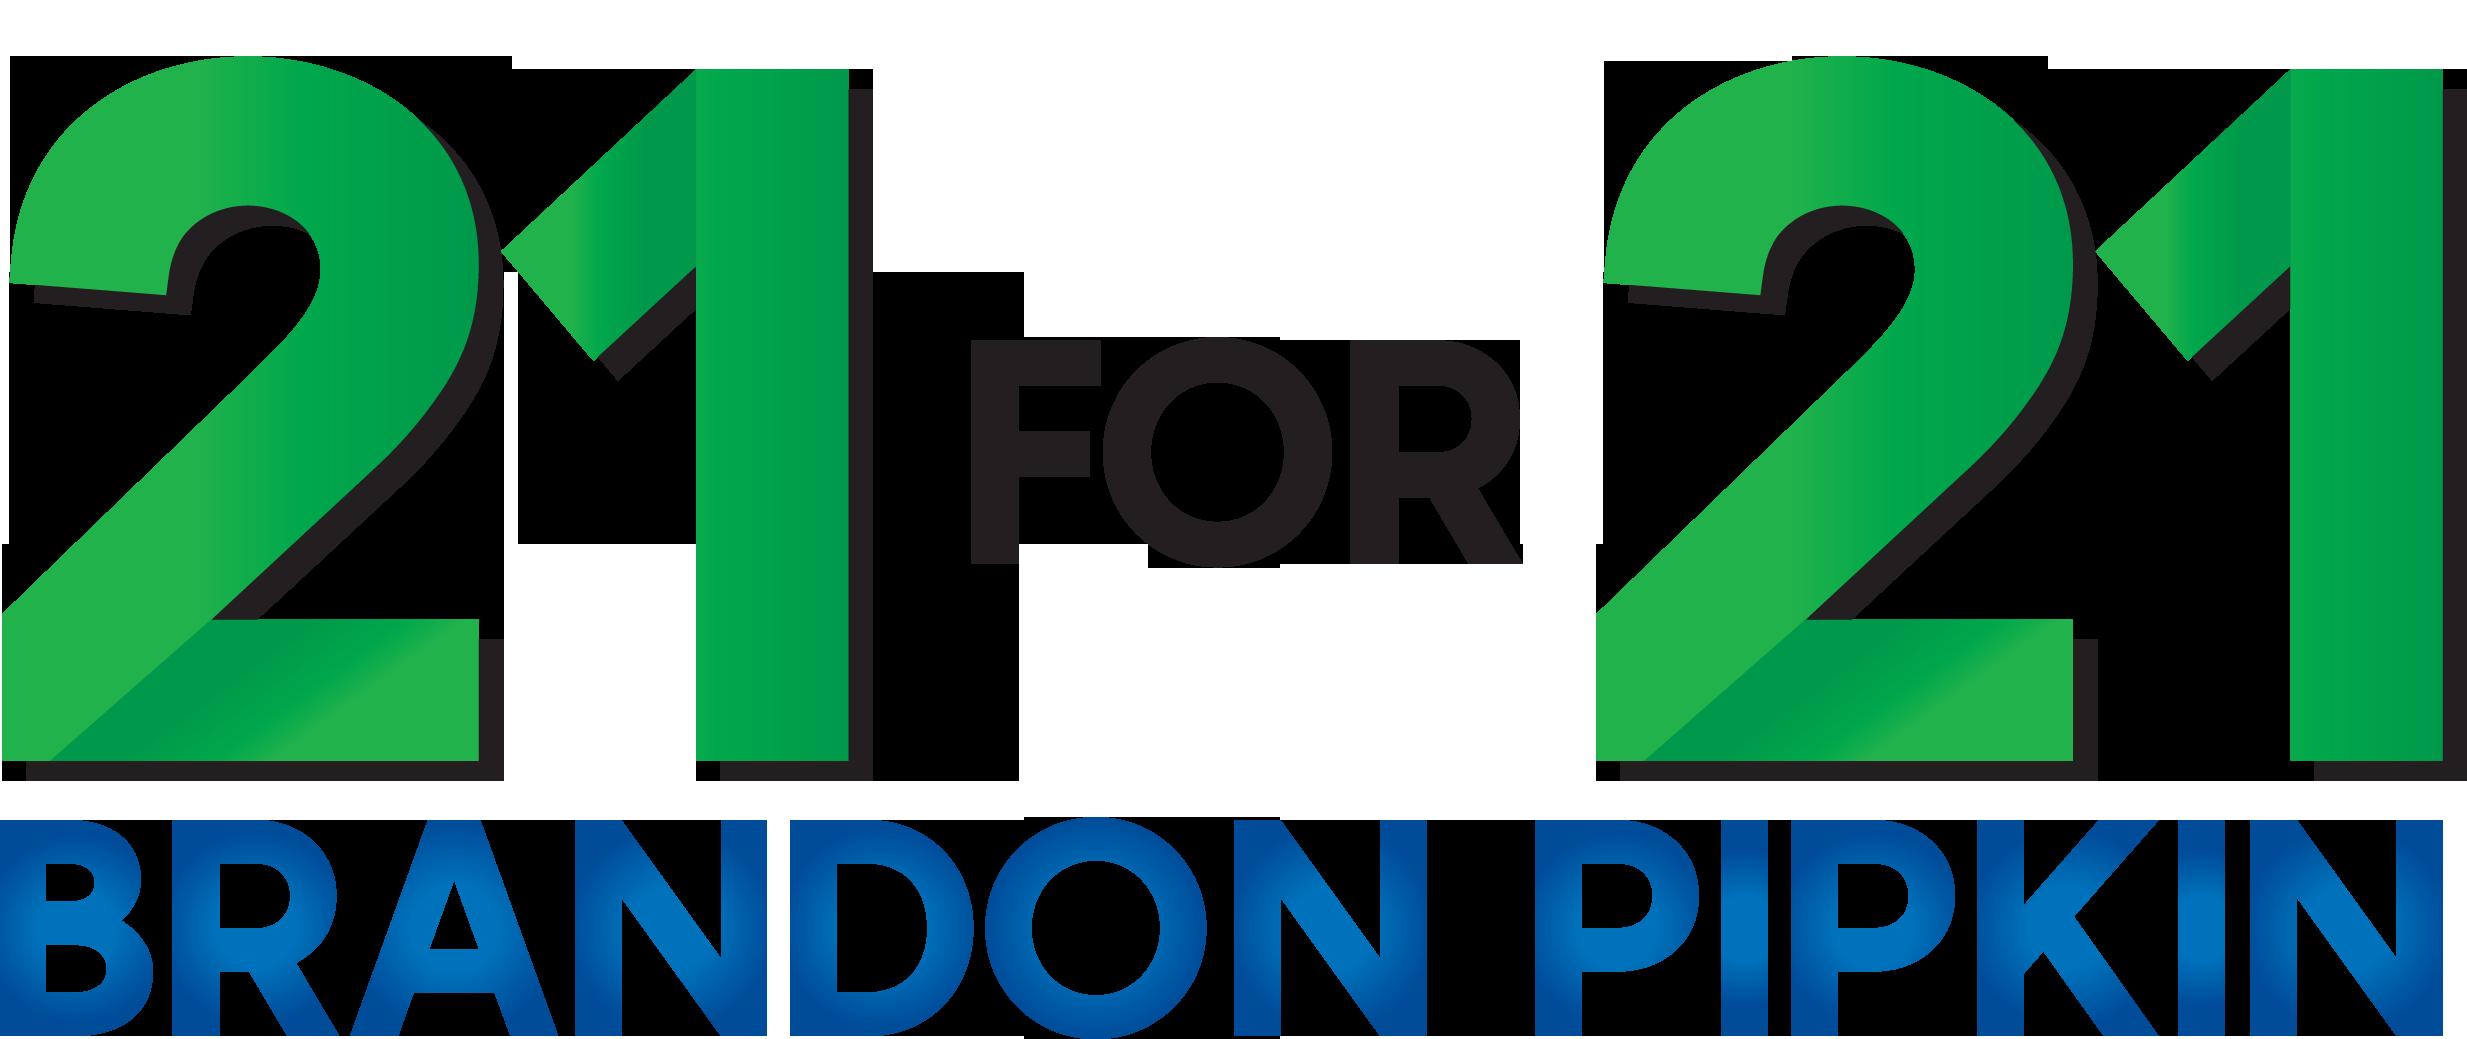 21 for 21 logo-BRANDON PIPKIN.png